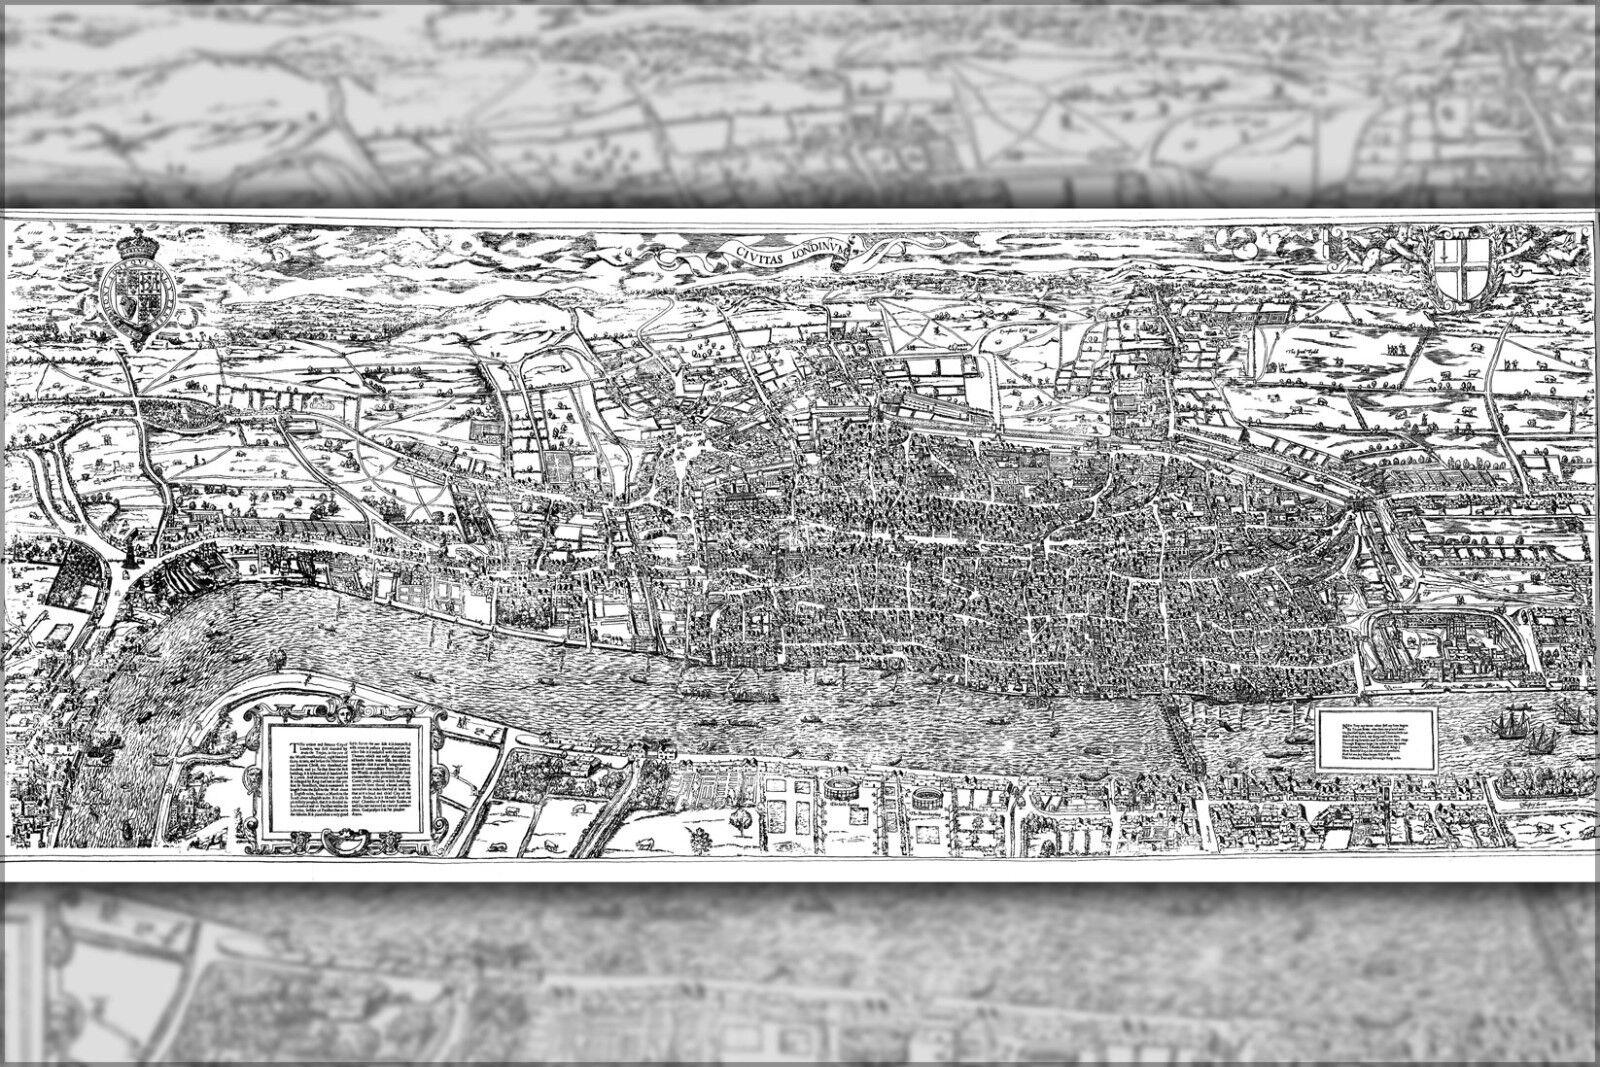 Poster, Molte Misure; Civitas Londinium o il il il Agas Mappa Del Londra Tardi 1500s 4545f0